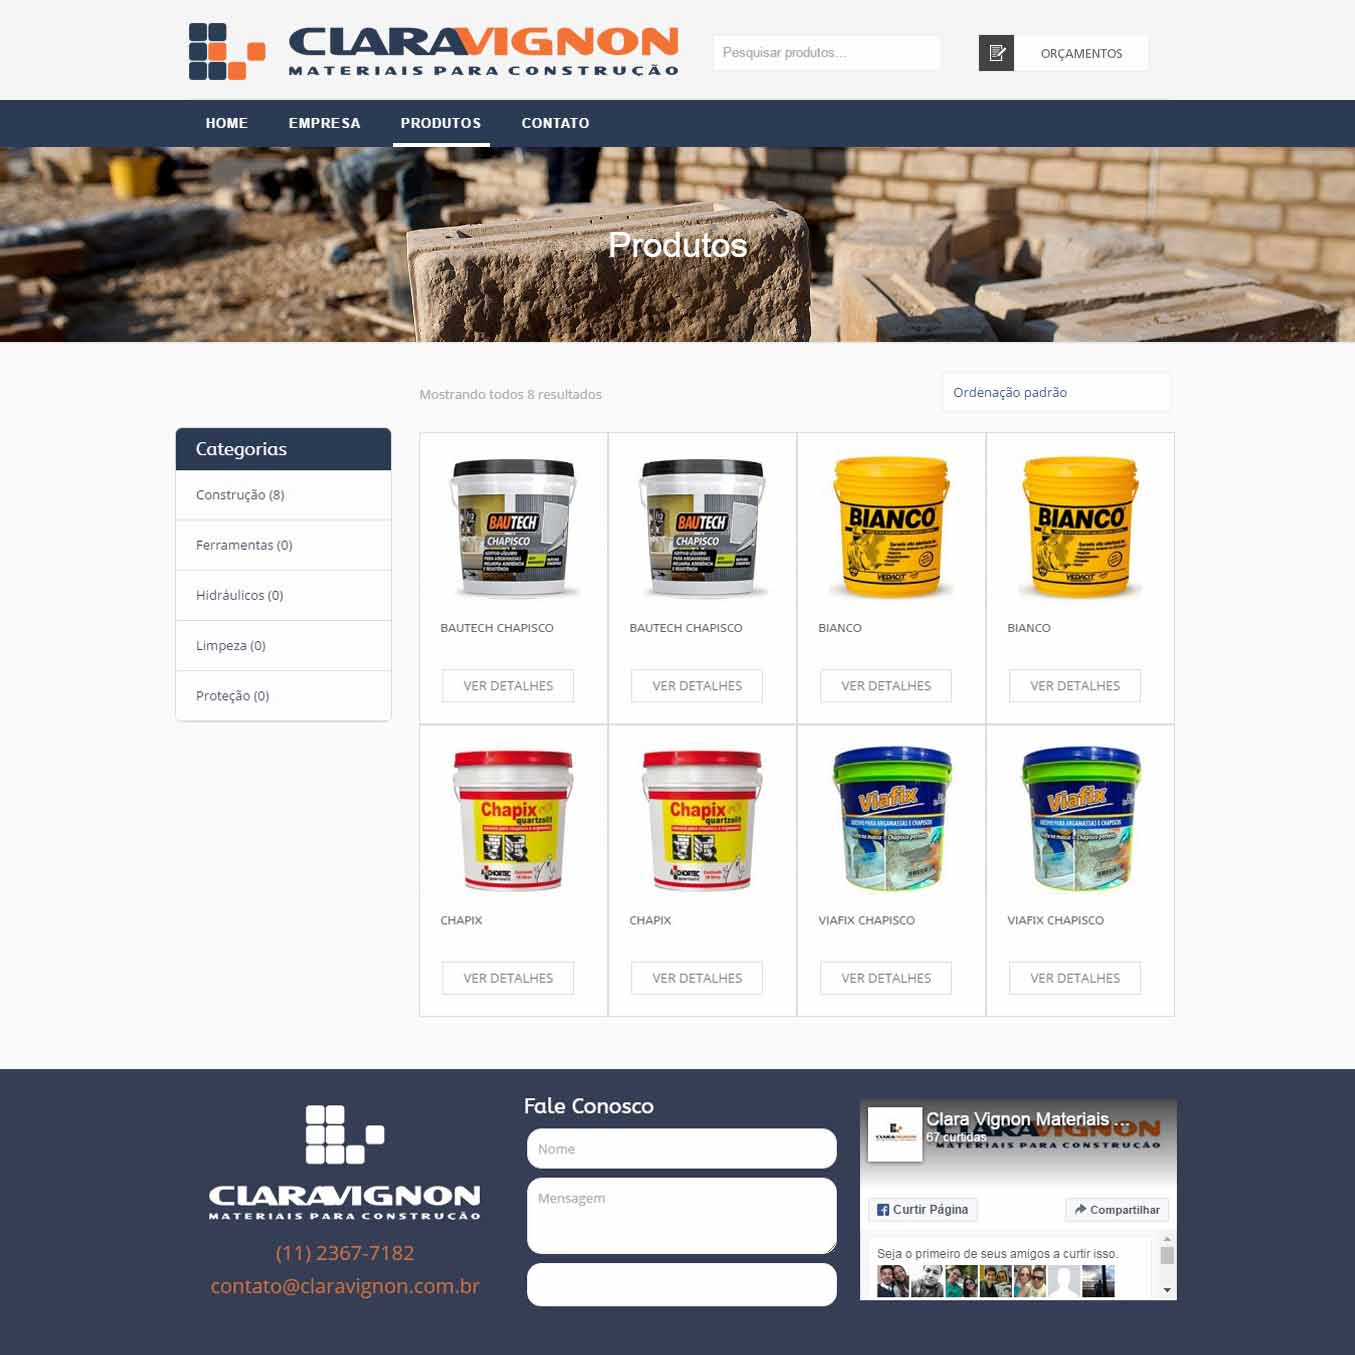 Clara Vignon produtos